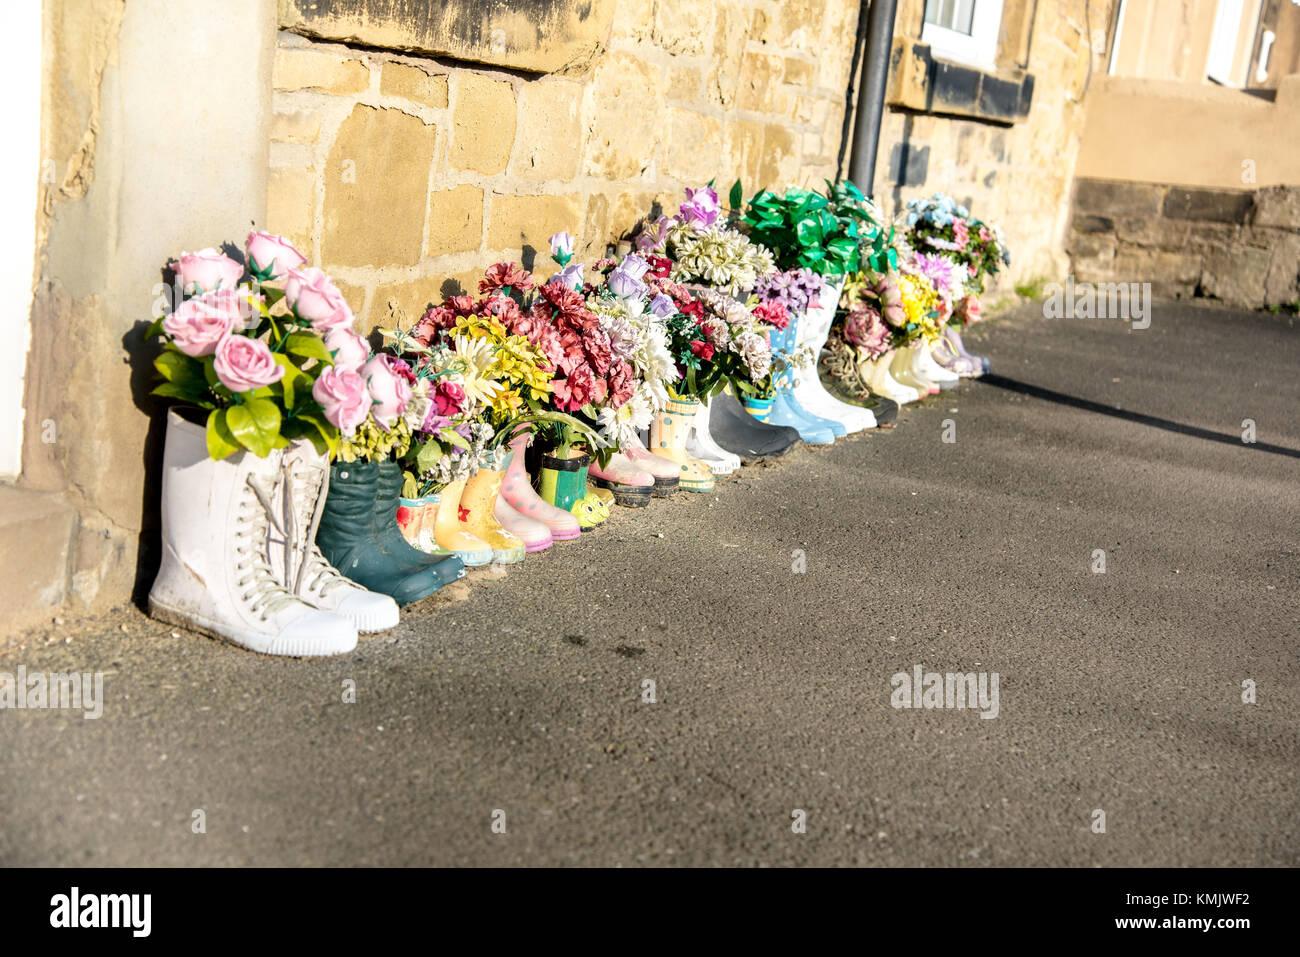 Blumen In Gummistiefel Ursprungliche Garten Ideen Stockfoto Bild